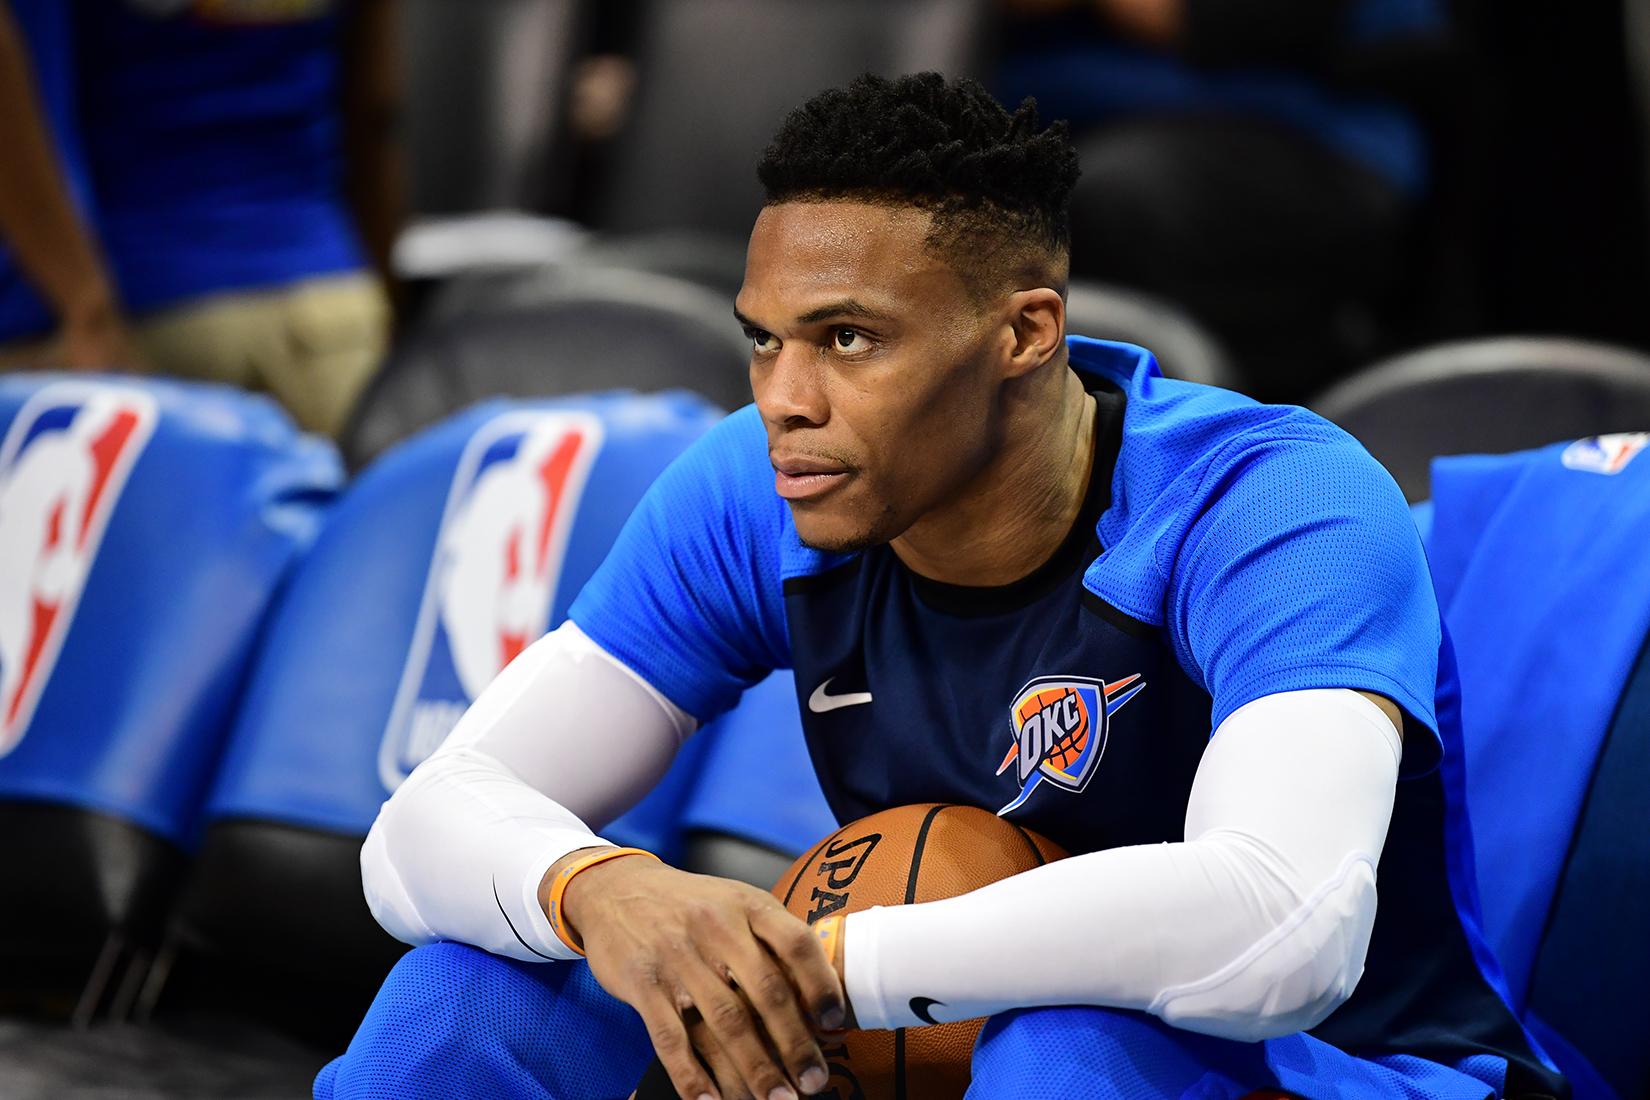 NBA Viewership Flat on ESPN/ABC, Down on TNT - Sports Media